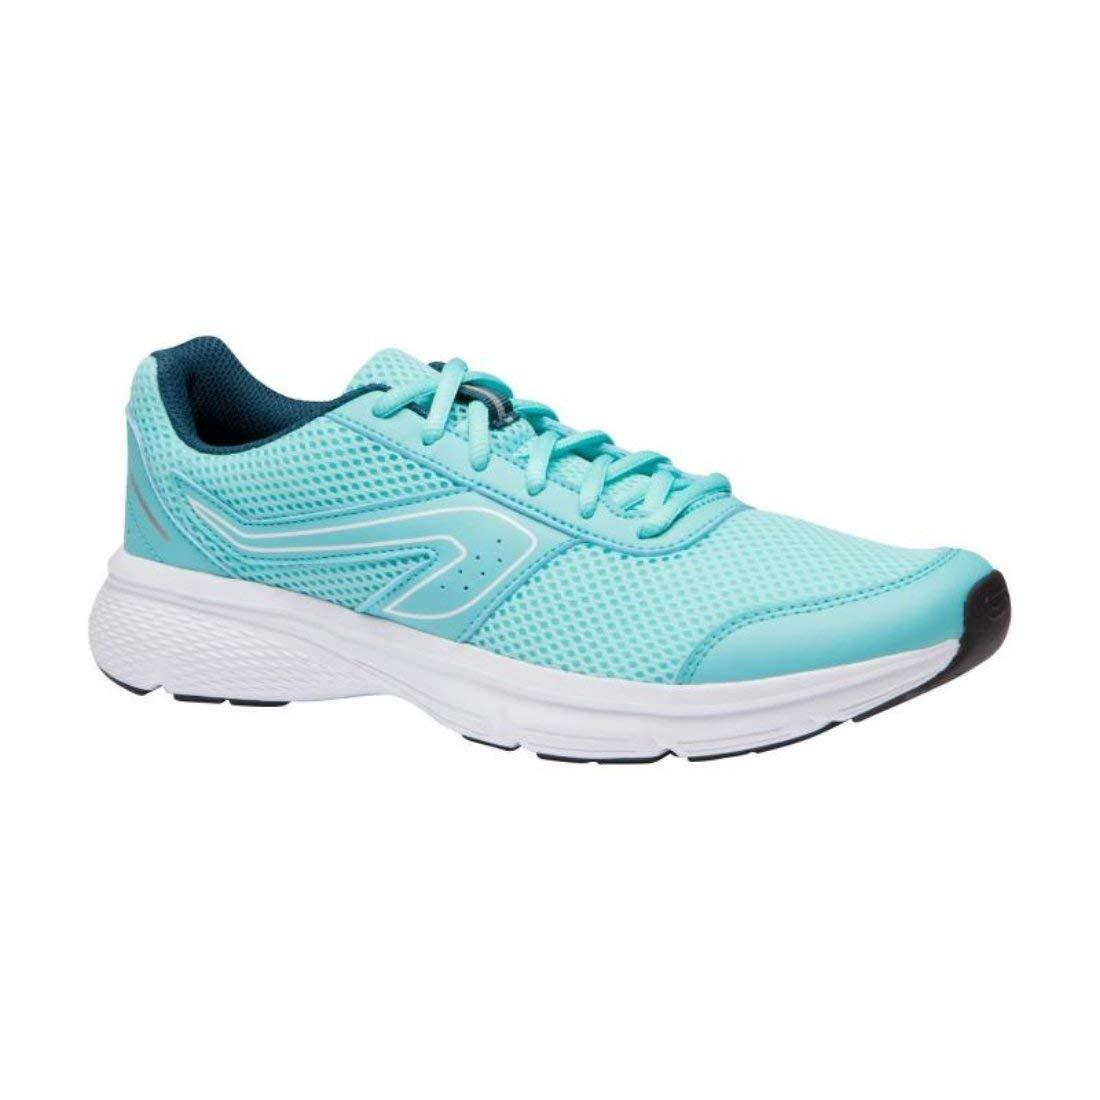 Buy Kalenji Run Cushion Women's Jogging